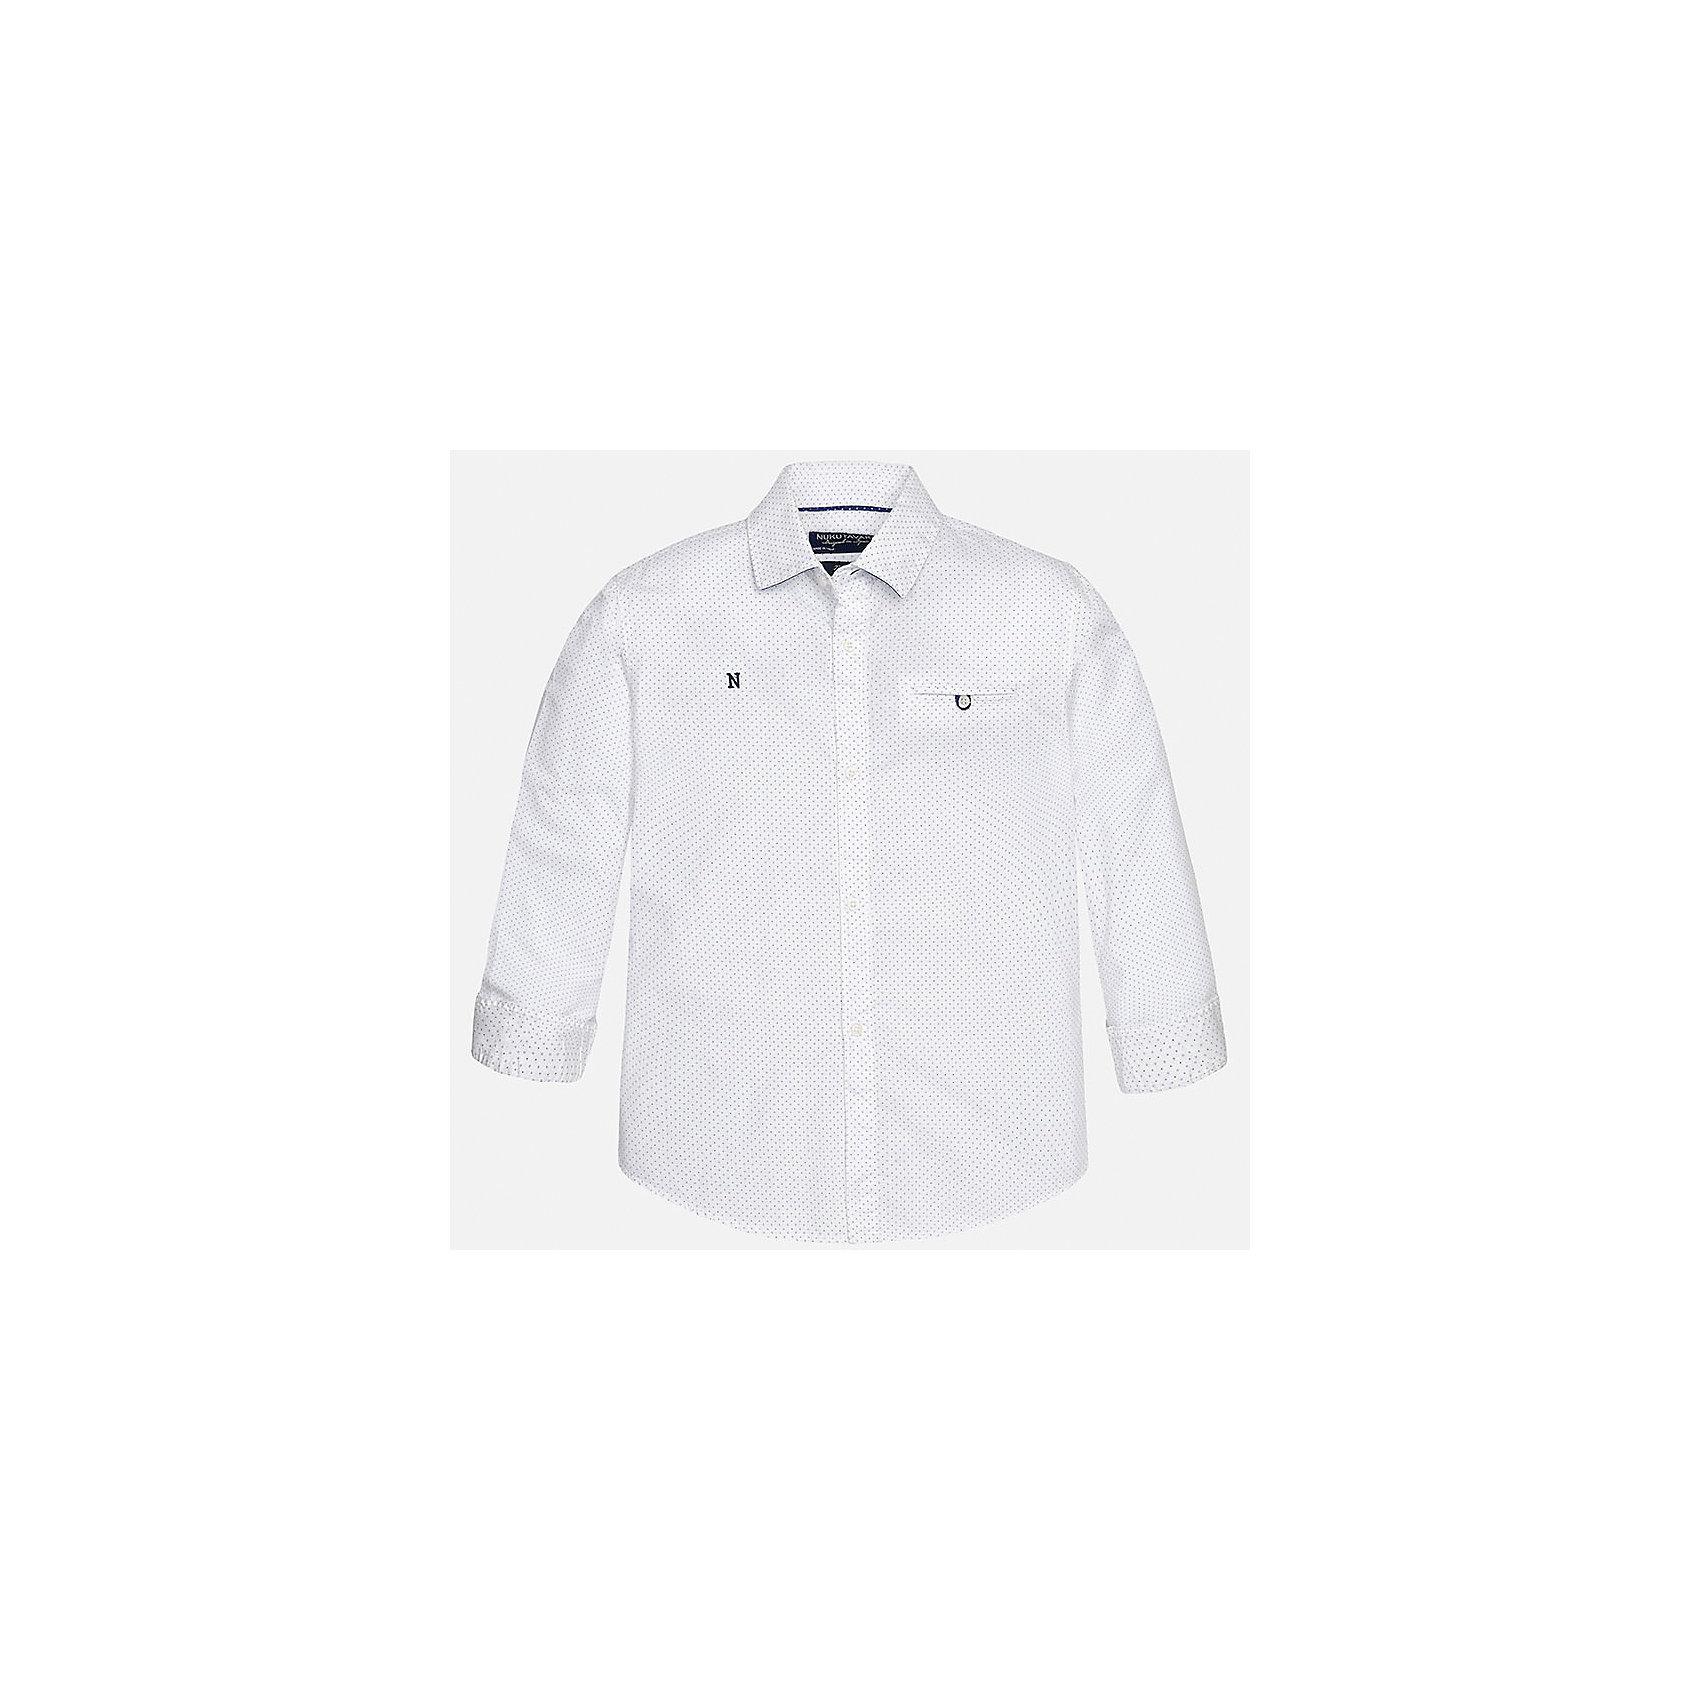 Рубашка для мальчика MayoralБлузки и рубашки<br>Характеристики товара:<br><br>• цвет: белый<br>• состав: 100% хлопок<br>• отложной воротник<br>• декорирована карманом и вышивкой на груди<br>• рукава с отворотами<br>• застежки: пуговицы<br>• страна бренда: Испания<br><br>Модная рубашка поможет разнообразить гардероб мальчика. Она отлично сочетается с брюками, шортами, джинсами. Универсальный крой и цвет позволяет подобрать к вещи низ разных расцветок. Практичное и стильное изделие! Хорошо смотрится и комфортно сидит на детях. В составе материала - только натуральный хлопок, гипоаллергенный, приятный на ощупь, дышащий. <br><br>Одежда, обувь и аксессуары от испанского бренда Mayoral полюбились детям и взрослым по всему миру. Модели этой марки - стильные и удобные. Для их производства используются только безопасные, качественные материалы и фурнитура. Порадуйте ребенка модными и красивыми вещами от Mayoral! <br><br>Рубашку для мальчика от испанского бренда Mayoral (Майорал) можно купить в нашем интернет-магазине.<br><br>Ширина мм: 174<br>Глубина мм: 10<br>Высота мм: 169<br>Вес г: 157<br>Цвет: белый<br>Возраст от месяцев: 156<br>Возраст до месяцев: 168<br>Пол: Мужской<br>Возраст: Детский<br>Размер: 170,164,152,140,128/134,158<br>SKU: 5281687